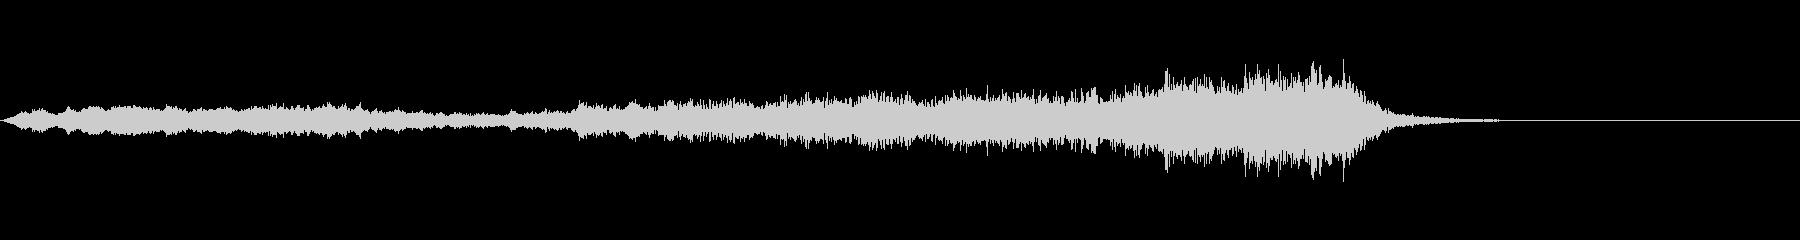 ホラー系効果音03の未再生の波形